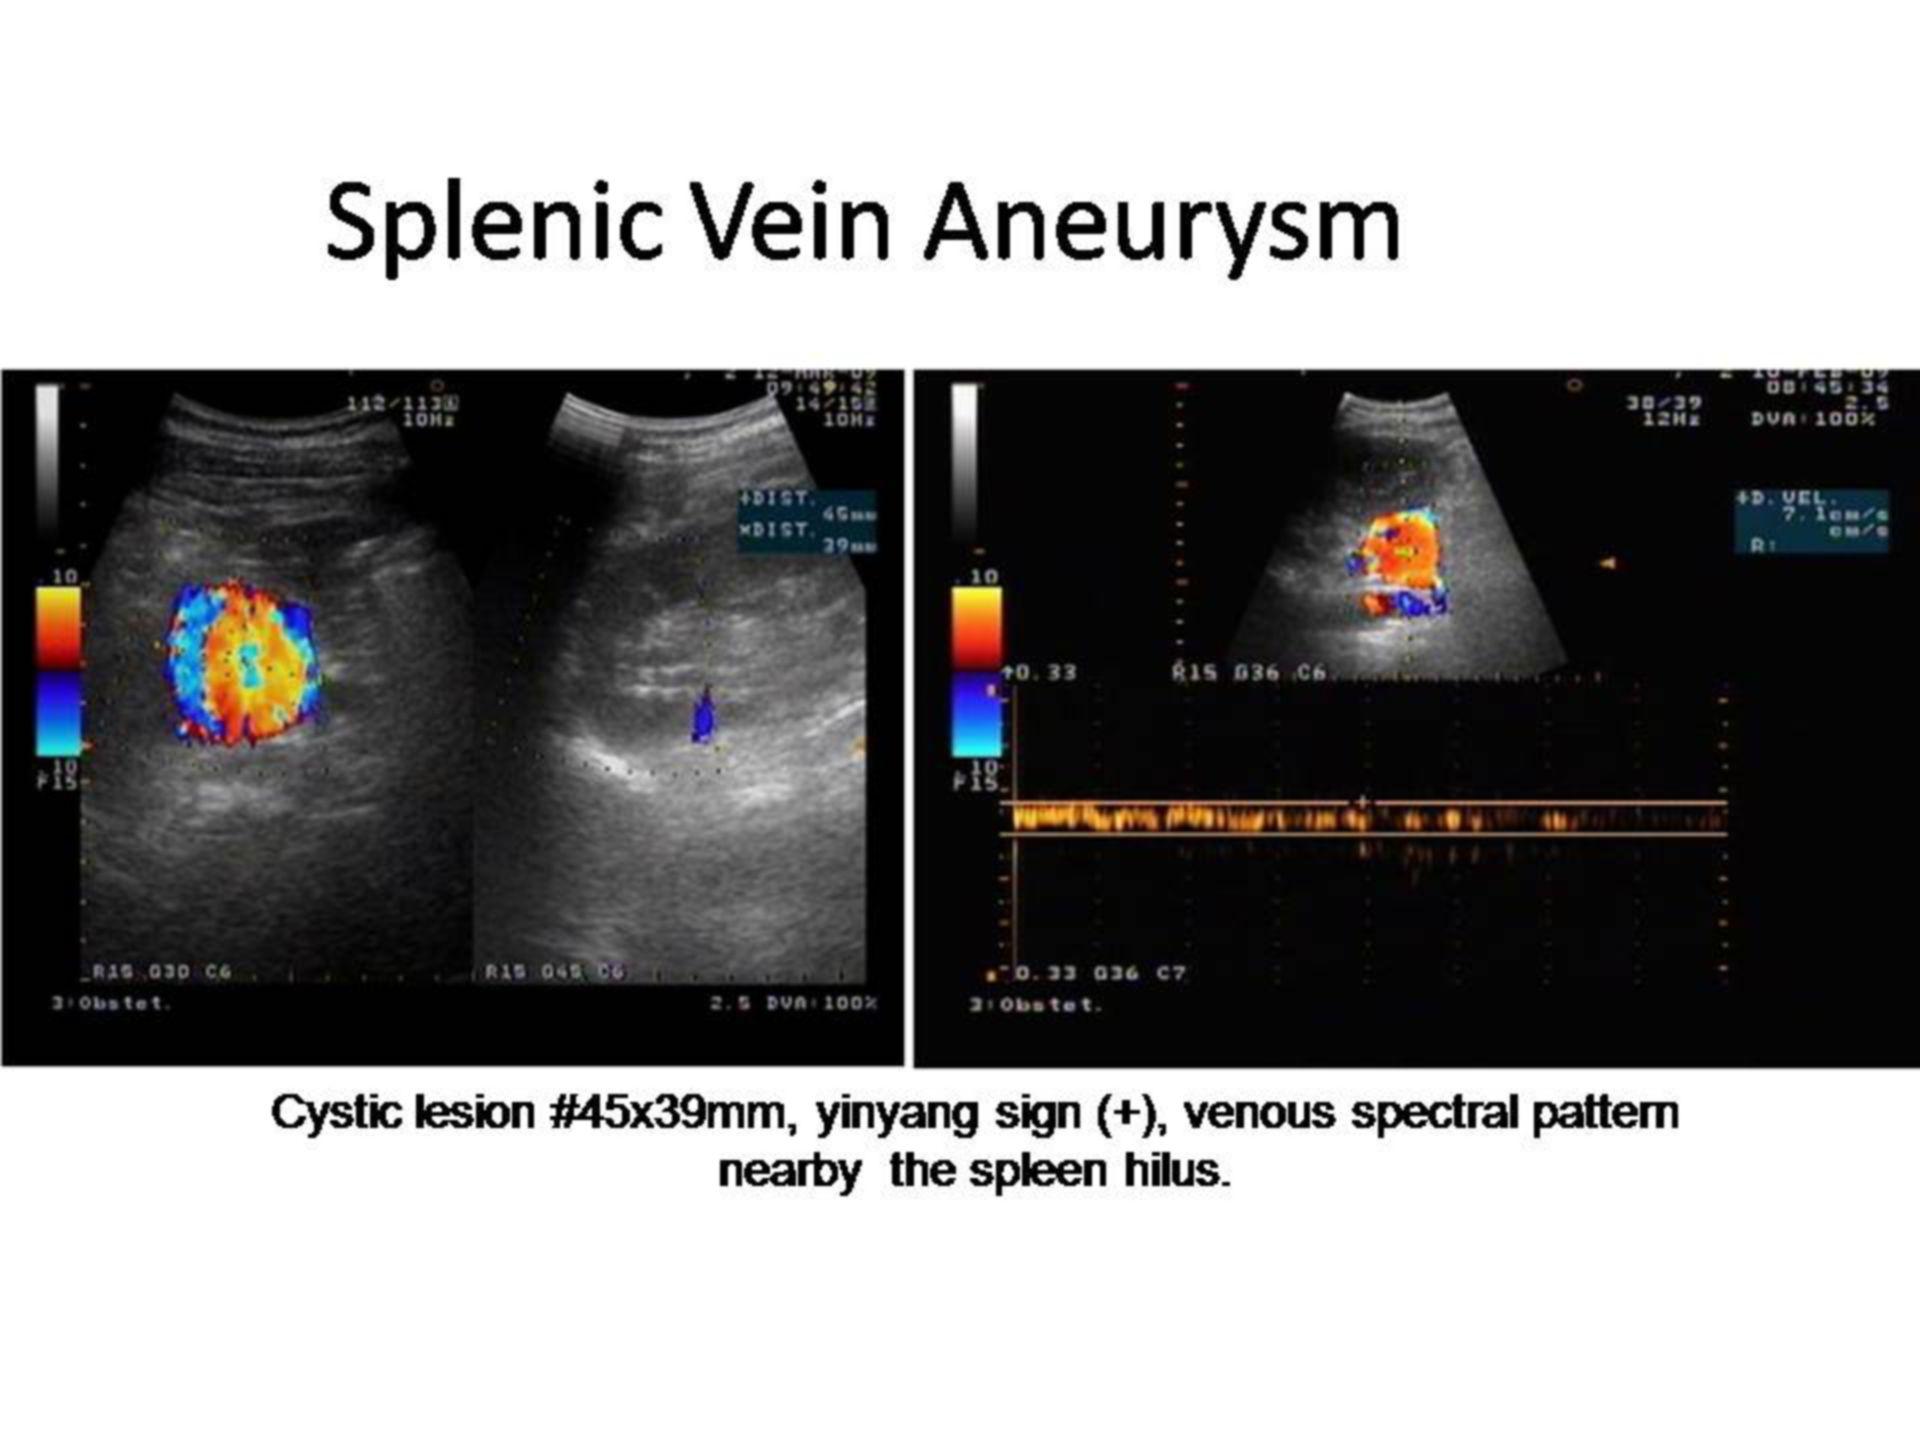 Aneurisma de la vena esplénica (1)